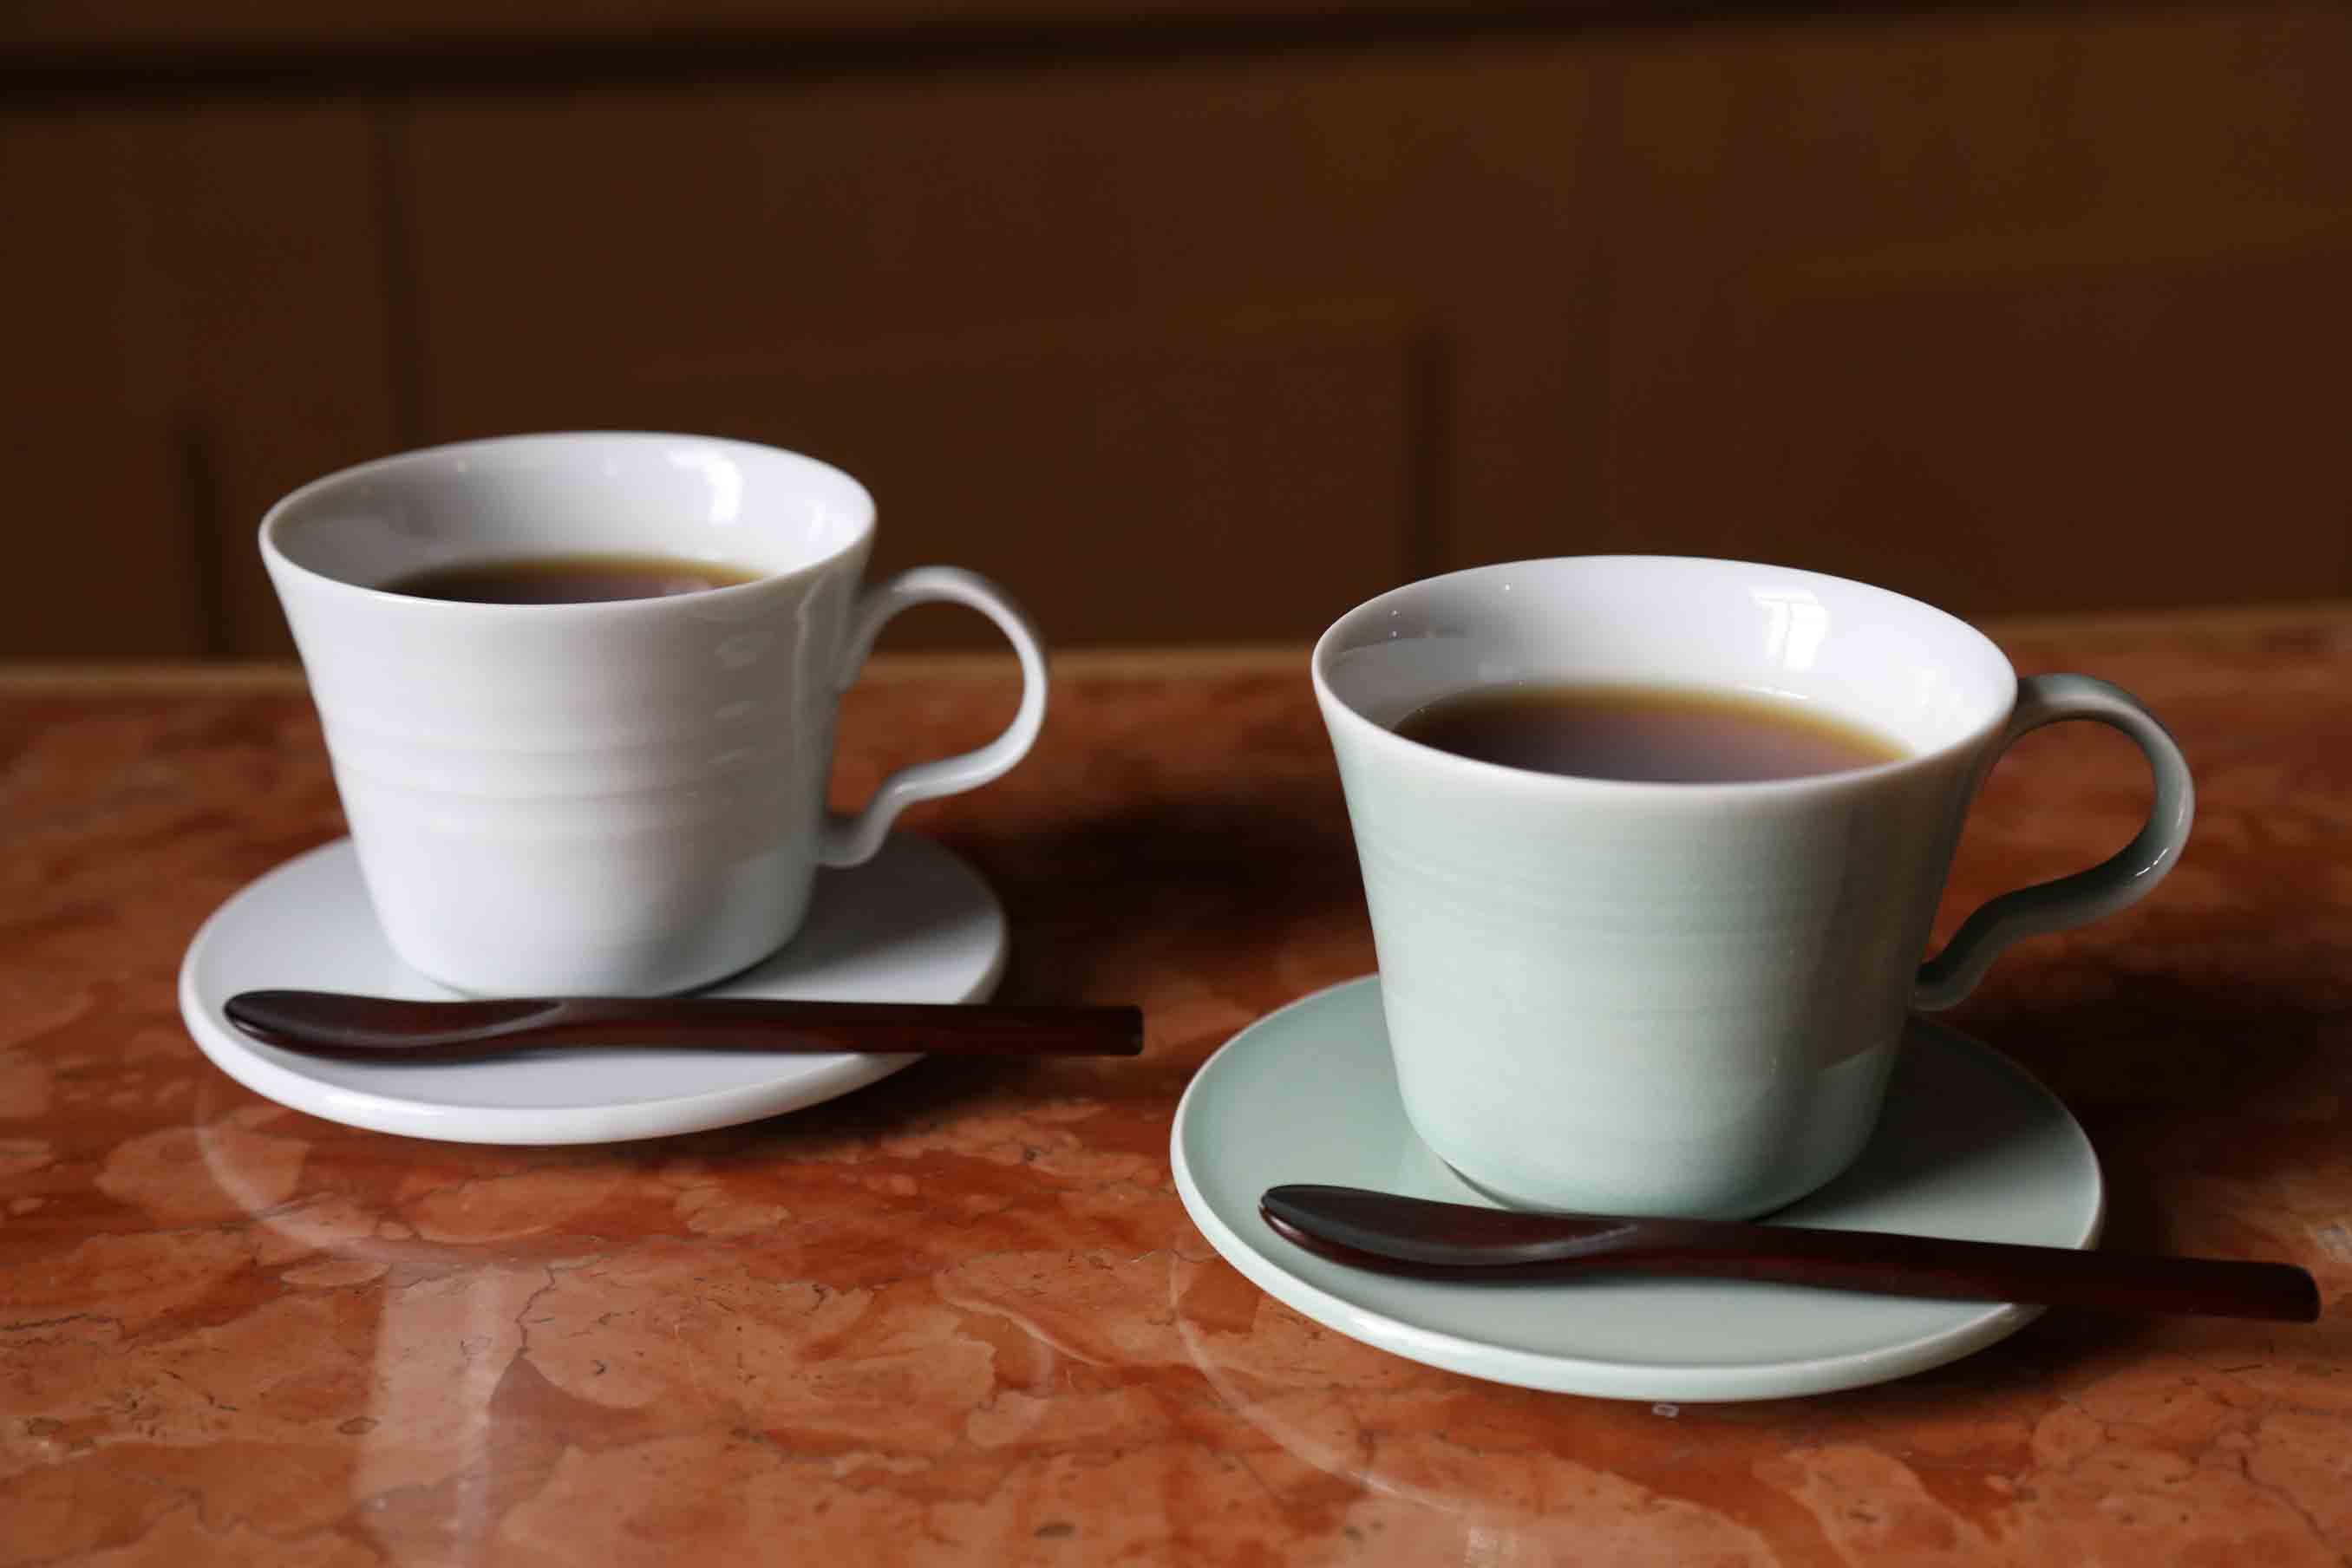 朝日焼のカップ&ソーサー